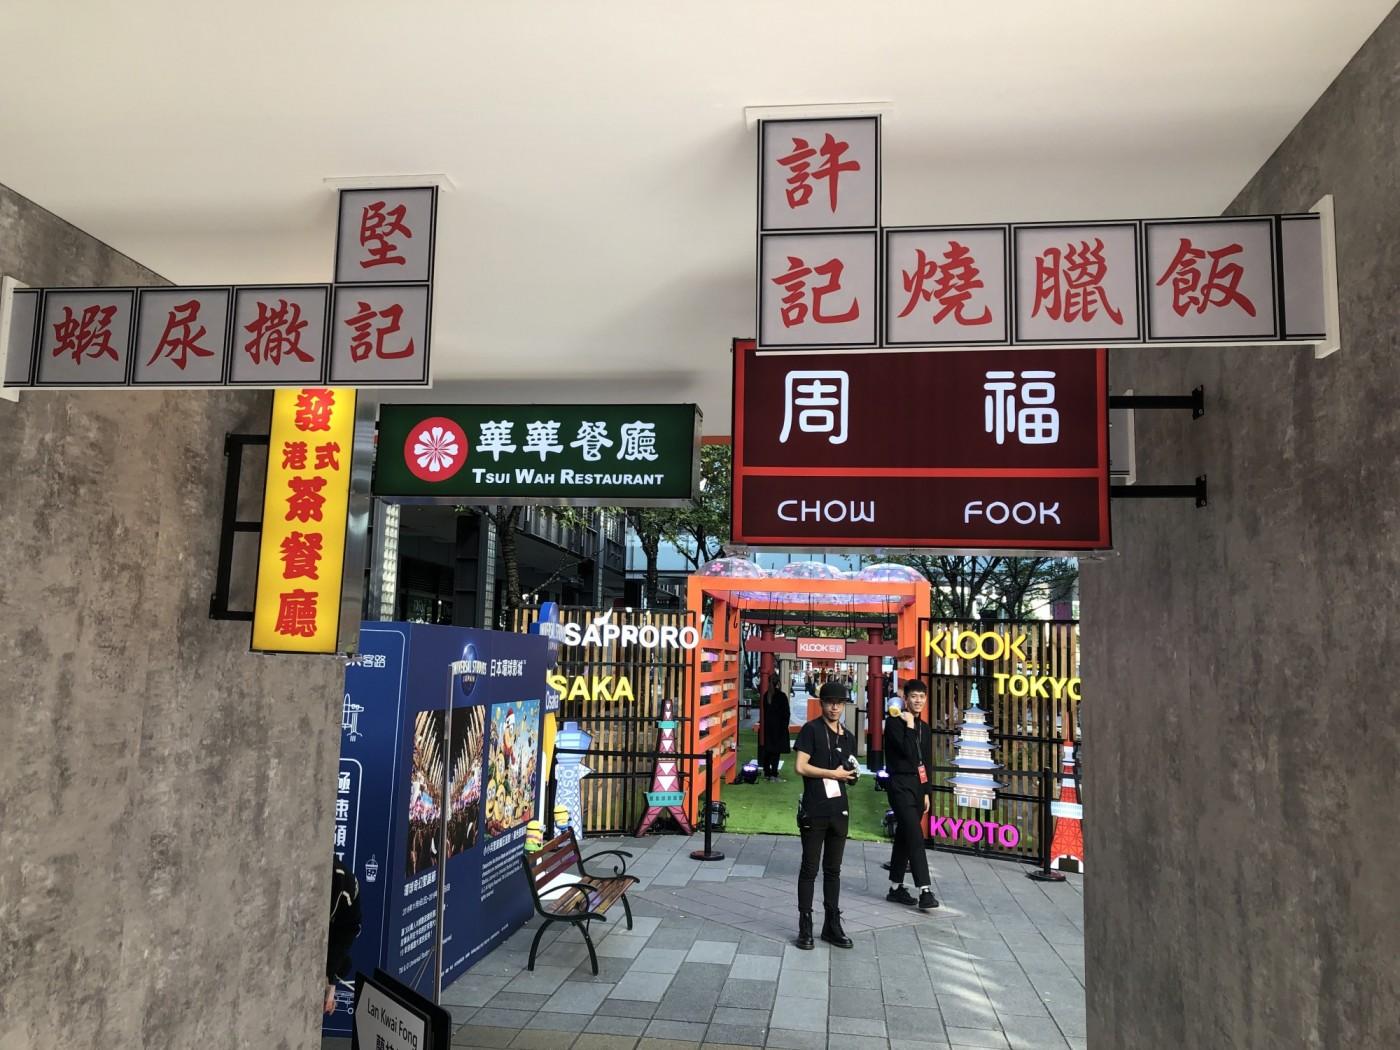 香港、日本景點信義區就有!台北觀傳局攜手旅遊新創打造「國際跨年活動」